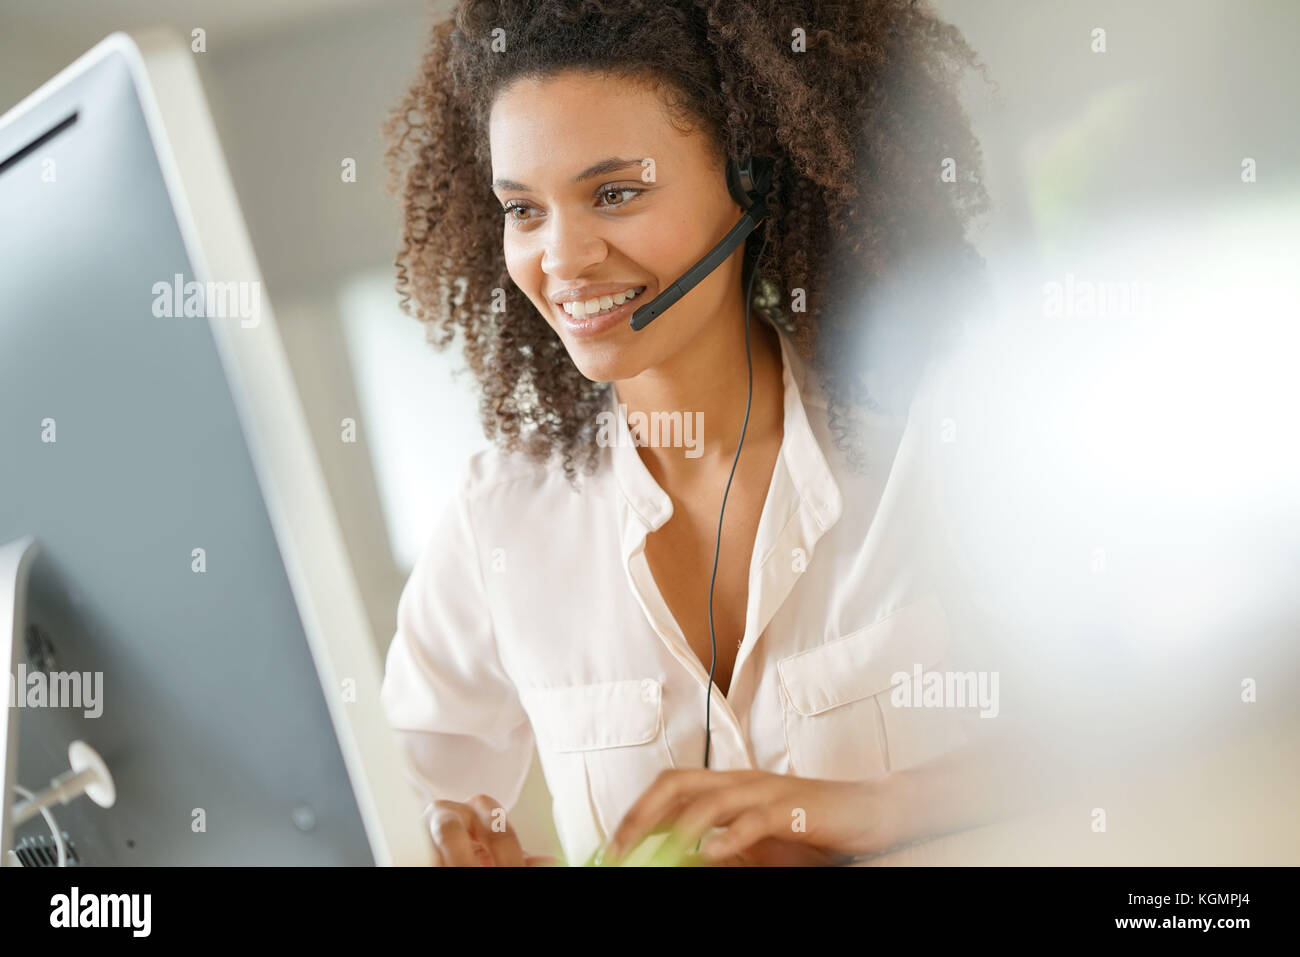 Retrato de asistente de servicio al cliente habla por teléfono Imagen De Stock